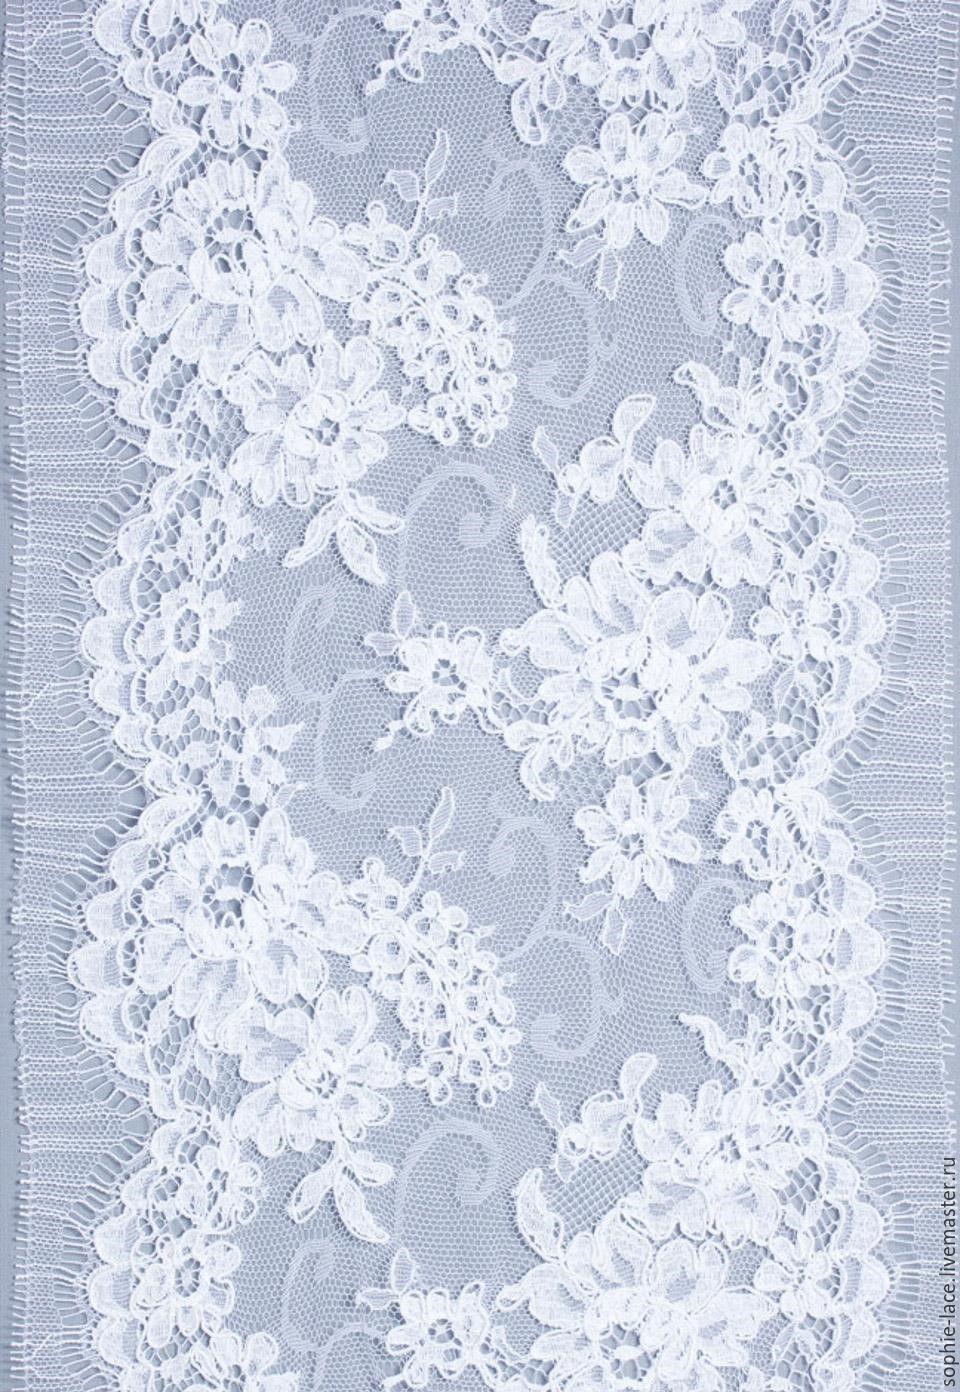 Шитье ручной работы. Ярмарка Мастеров - ручная работа. Купить Тонкое кружево на сетке Blossom Blanc от Sophie Hallette. Handmade.